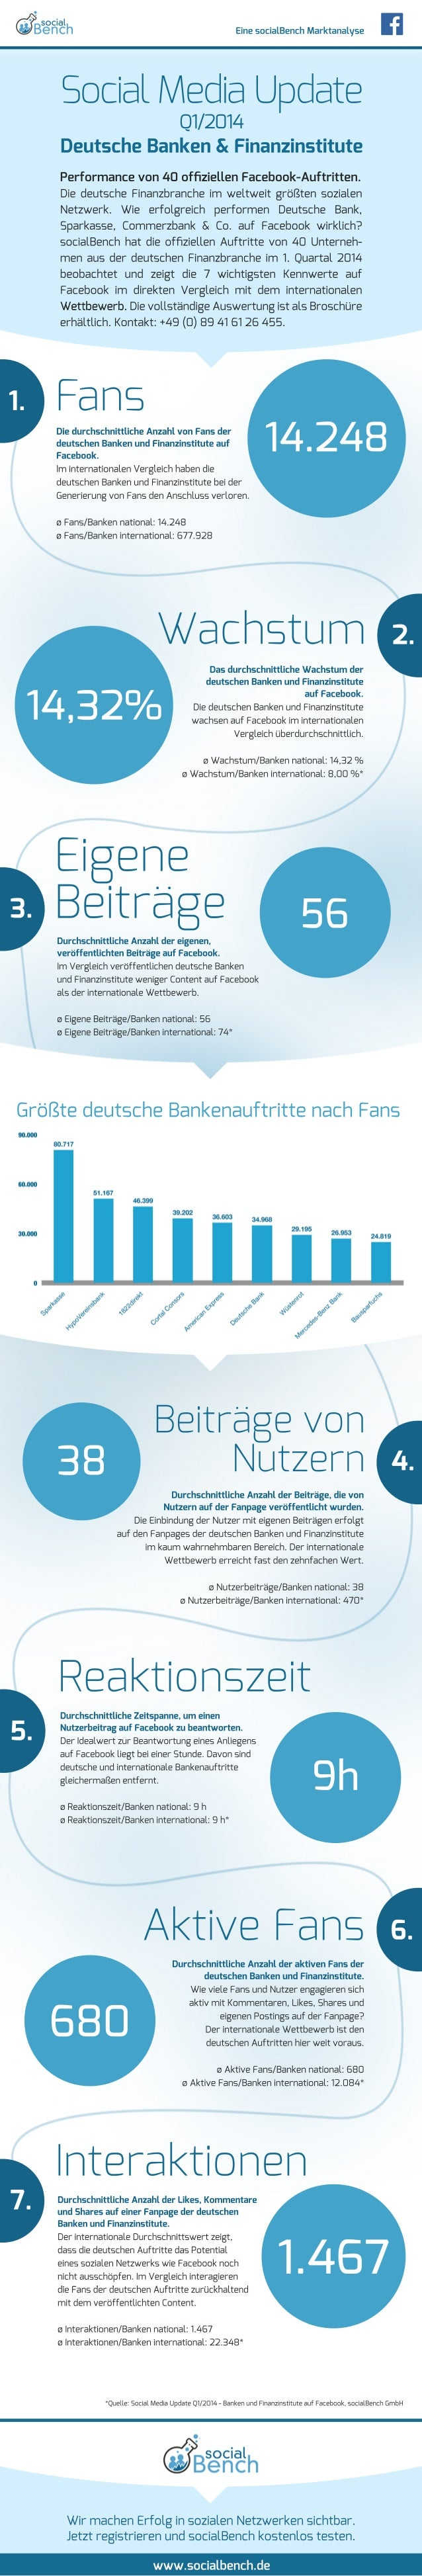 Wir machen Erfolg in sozialen Netzwerken sichtbar. Jetzt registrieren und socialBench kostenlos testen. www.socialbench.de...